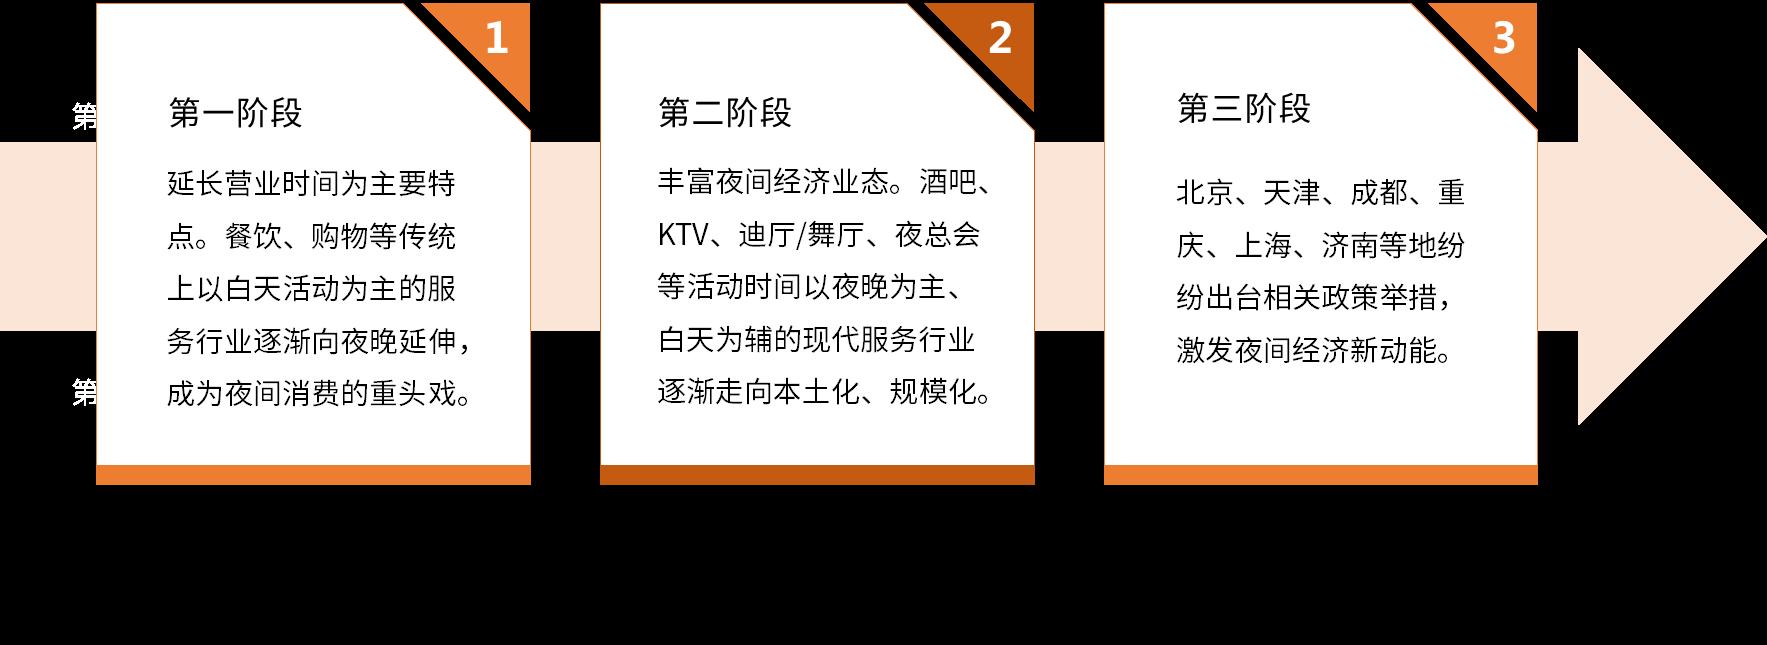 2019年中国夜间经济市场规模及发展前景分析